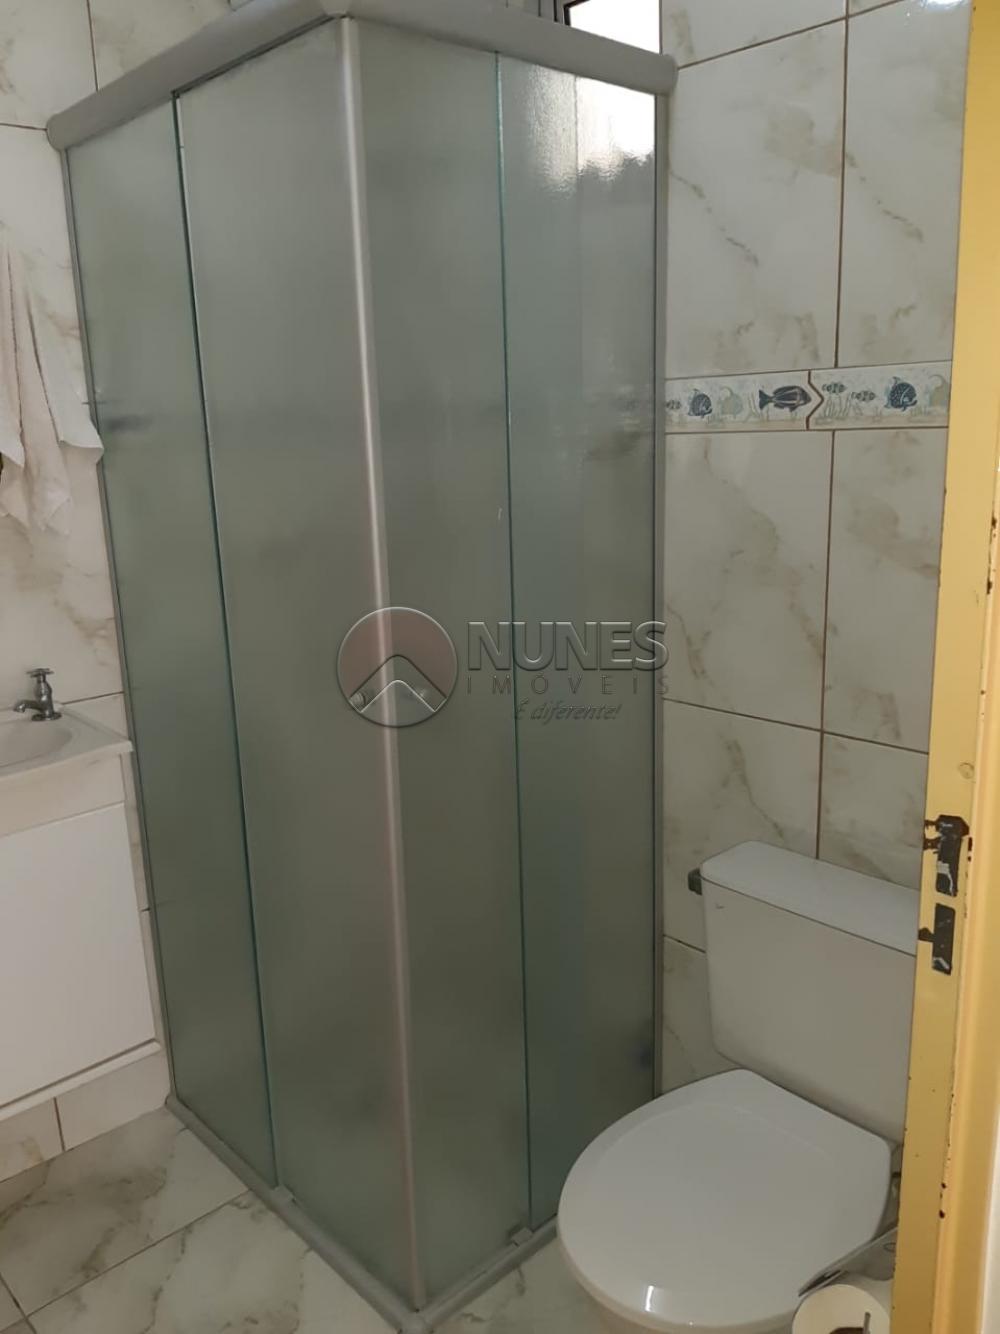 Comprar Apartamento / Padrão em São Paulo apenas R$ 220.000,00 - Foto 11